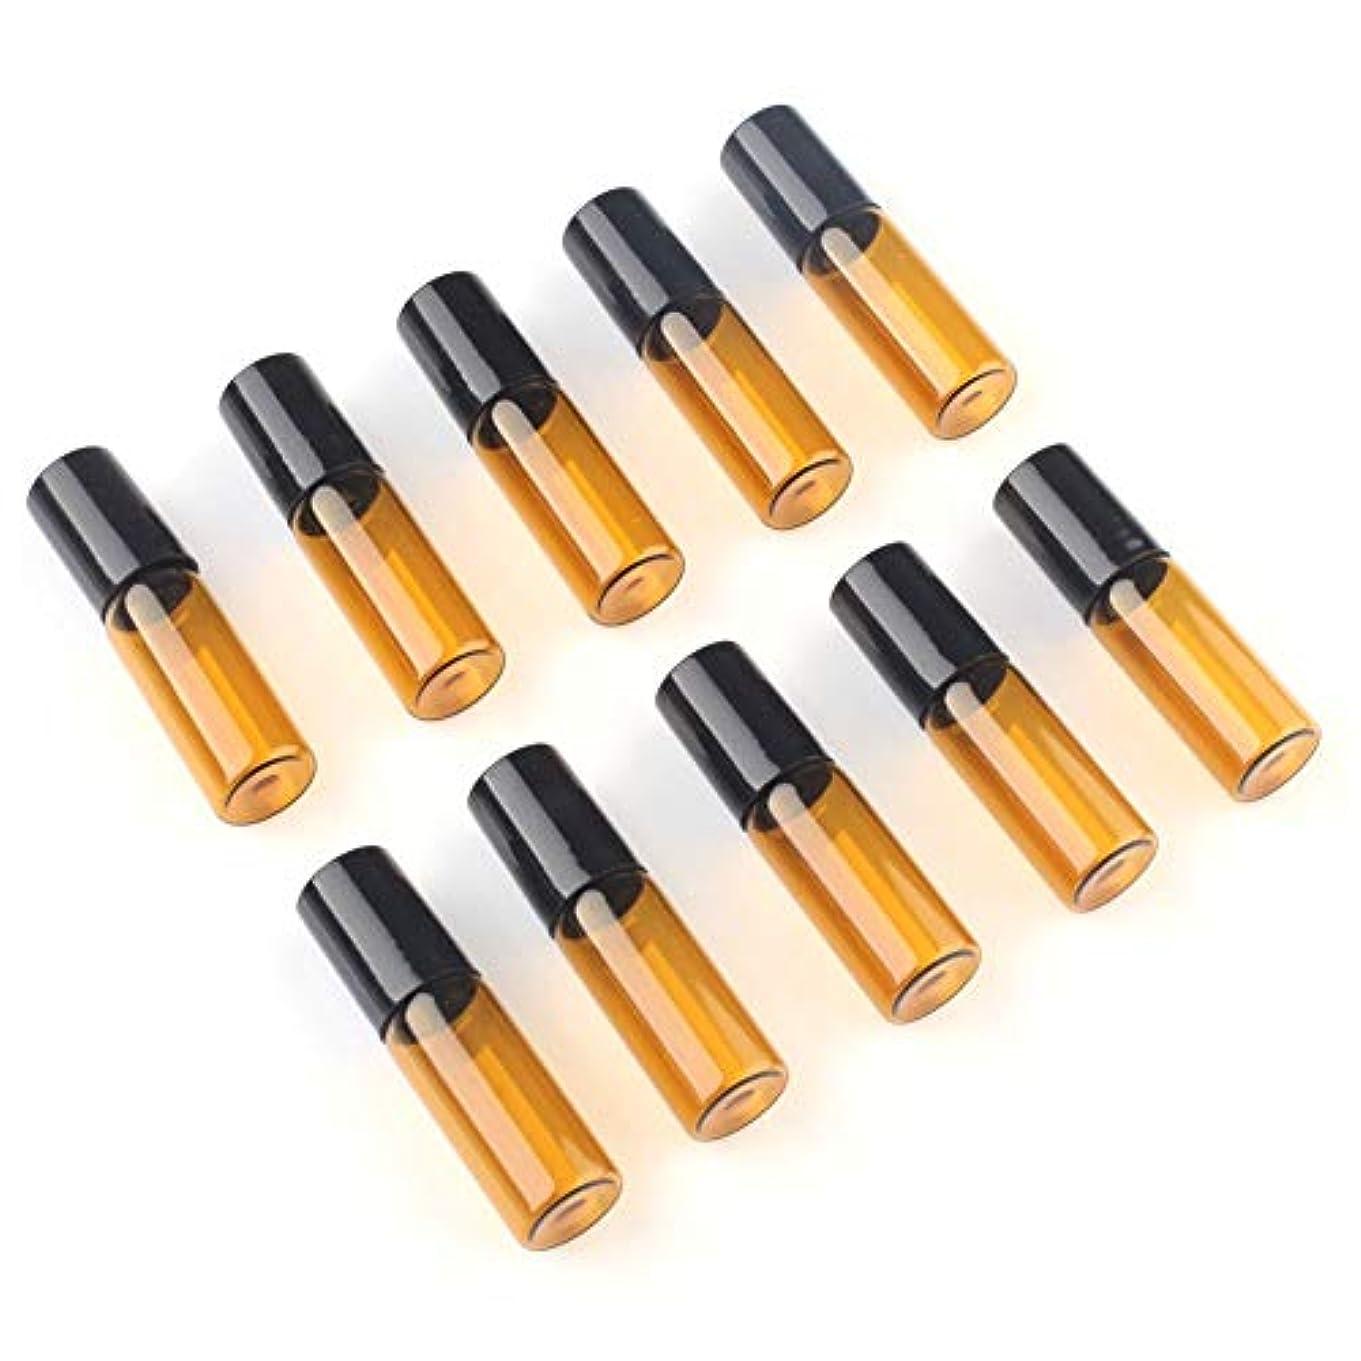 全能こねる高価なアロマオイル 精油 小分け用 遮光瓶 10本セット (5ml)